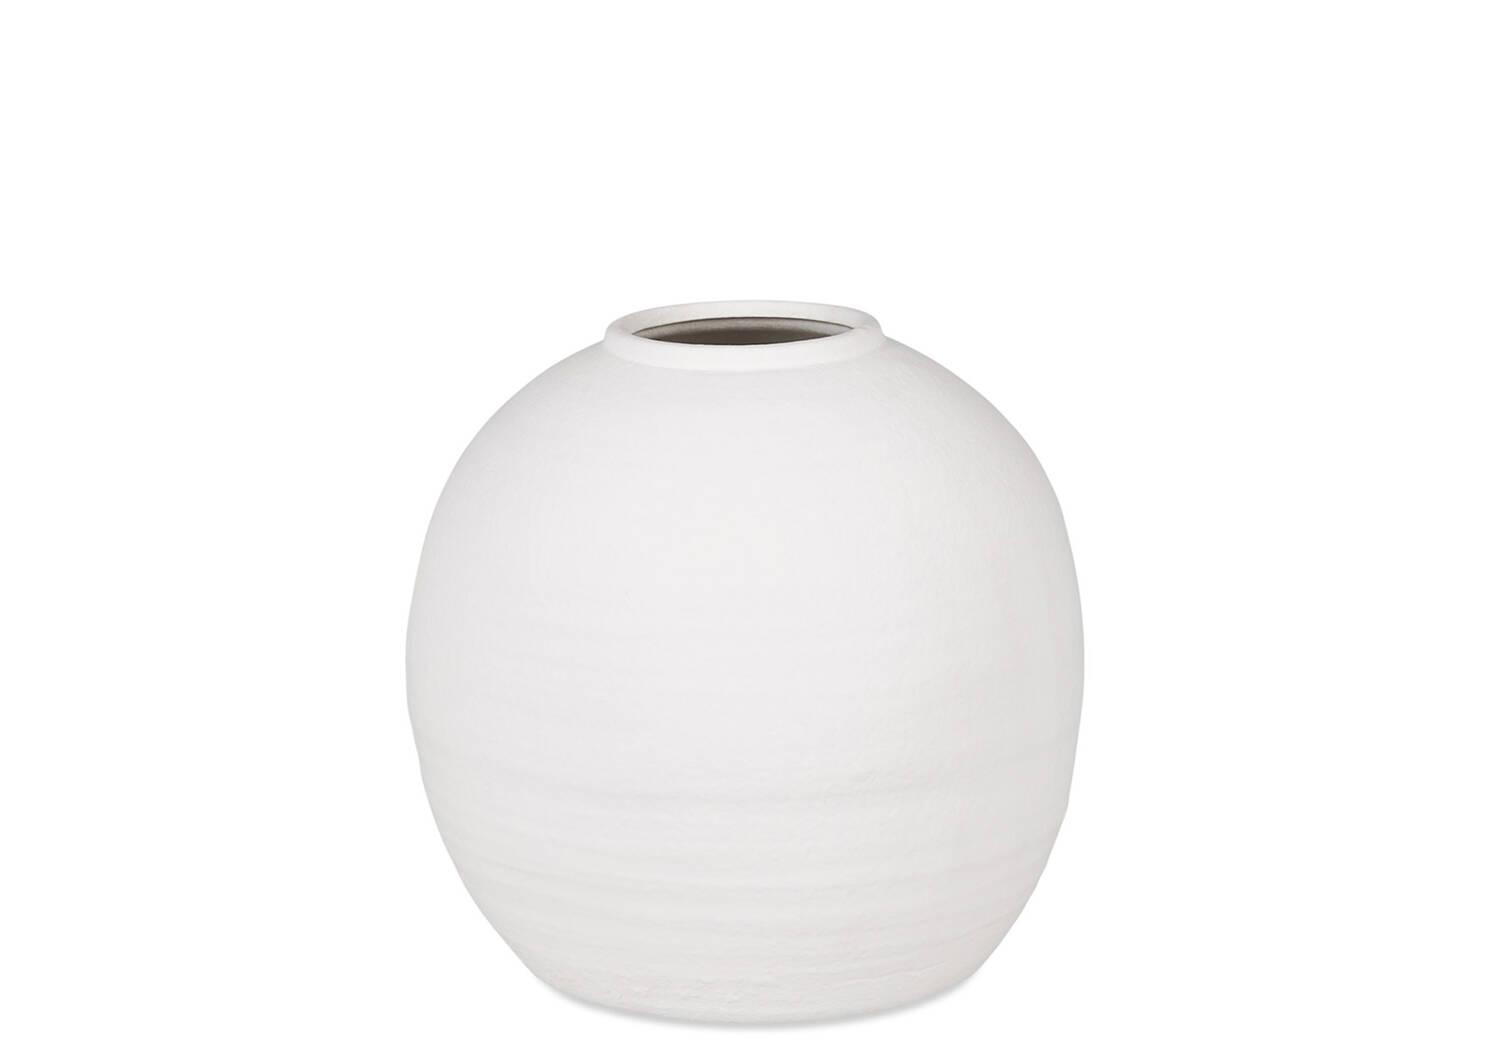 Petit vase Daleyza blanc